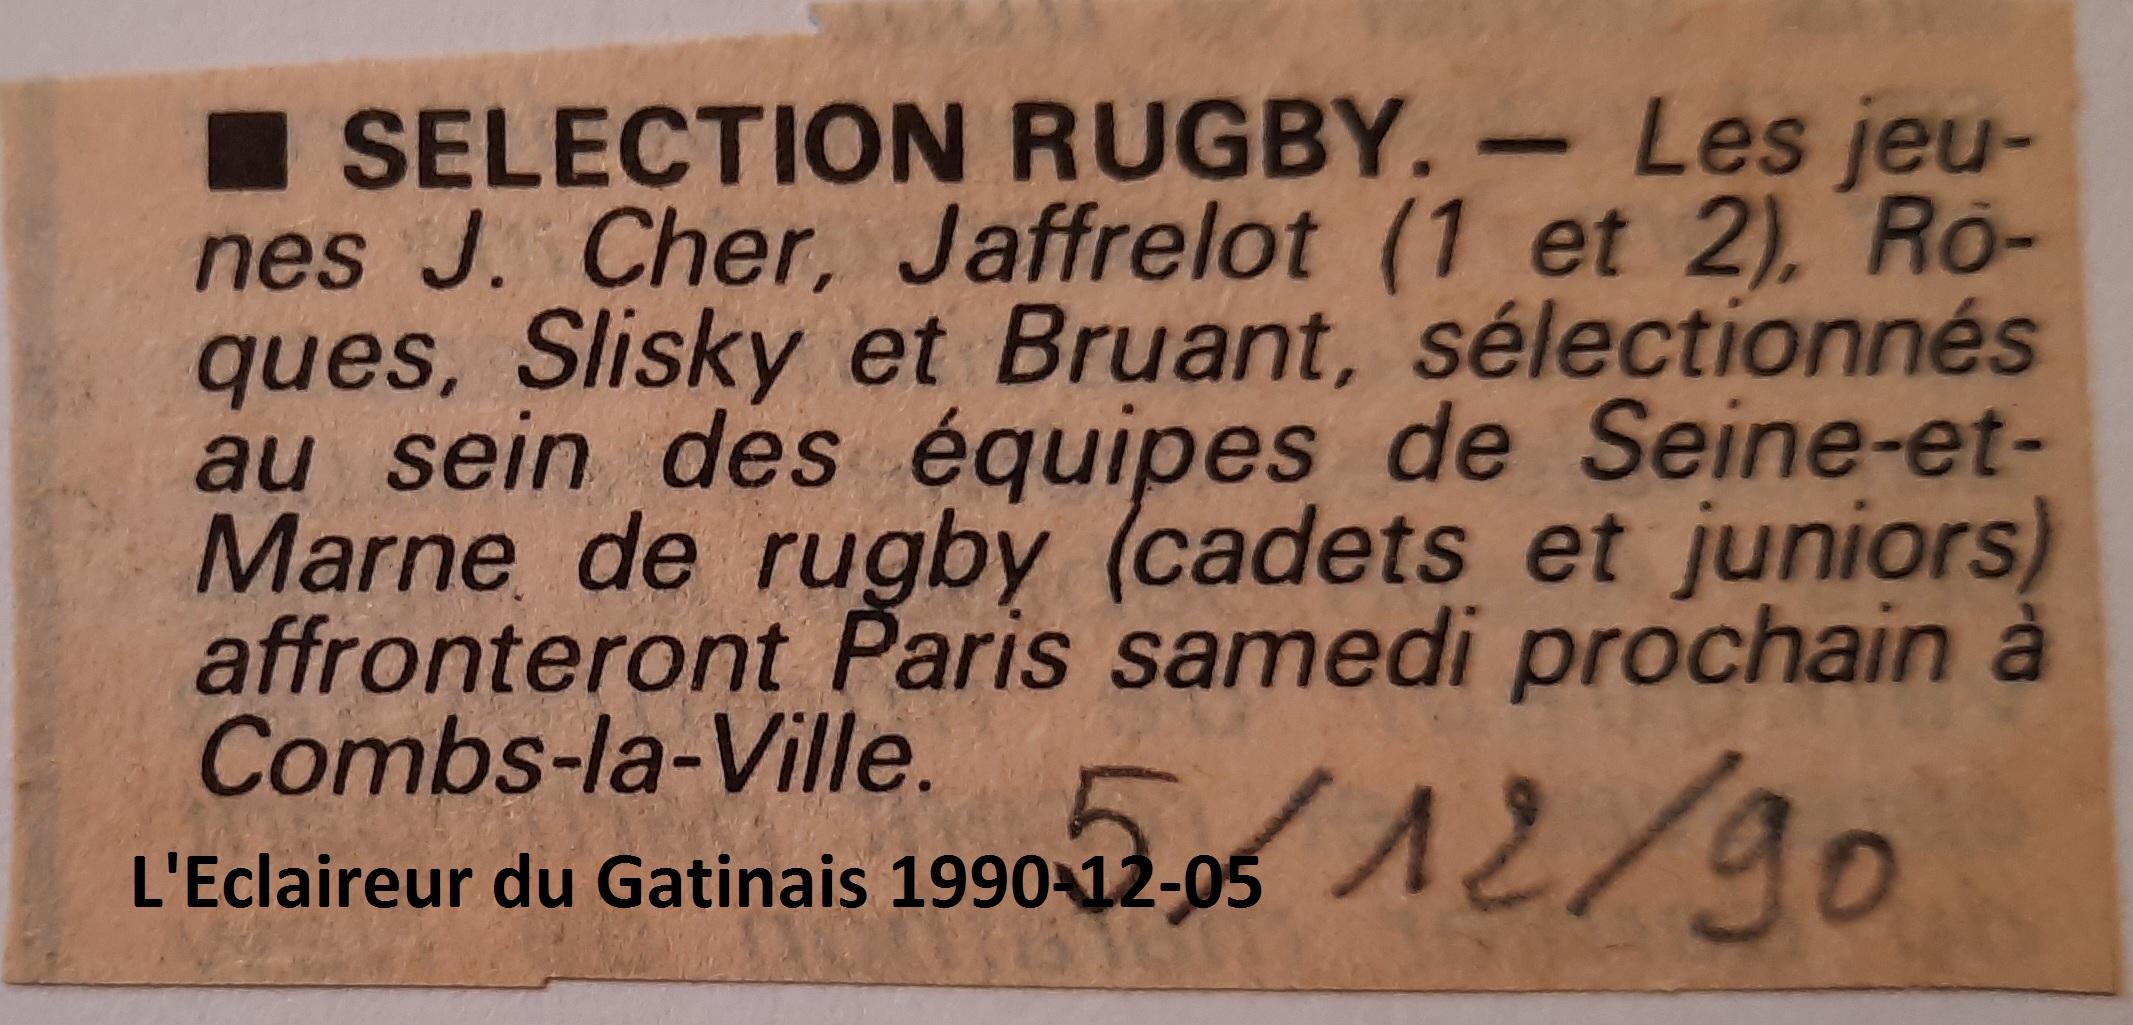 Eclaireur du Gâtinais 1990-12-05A